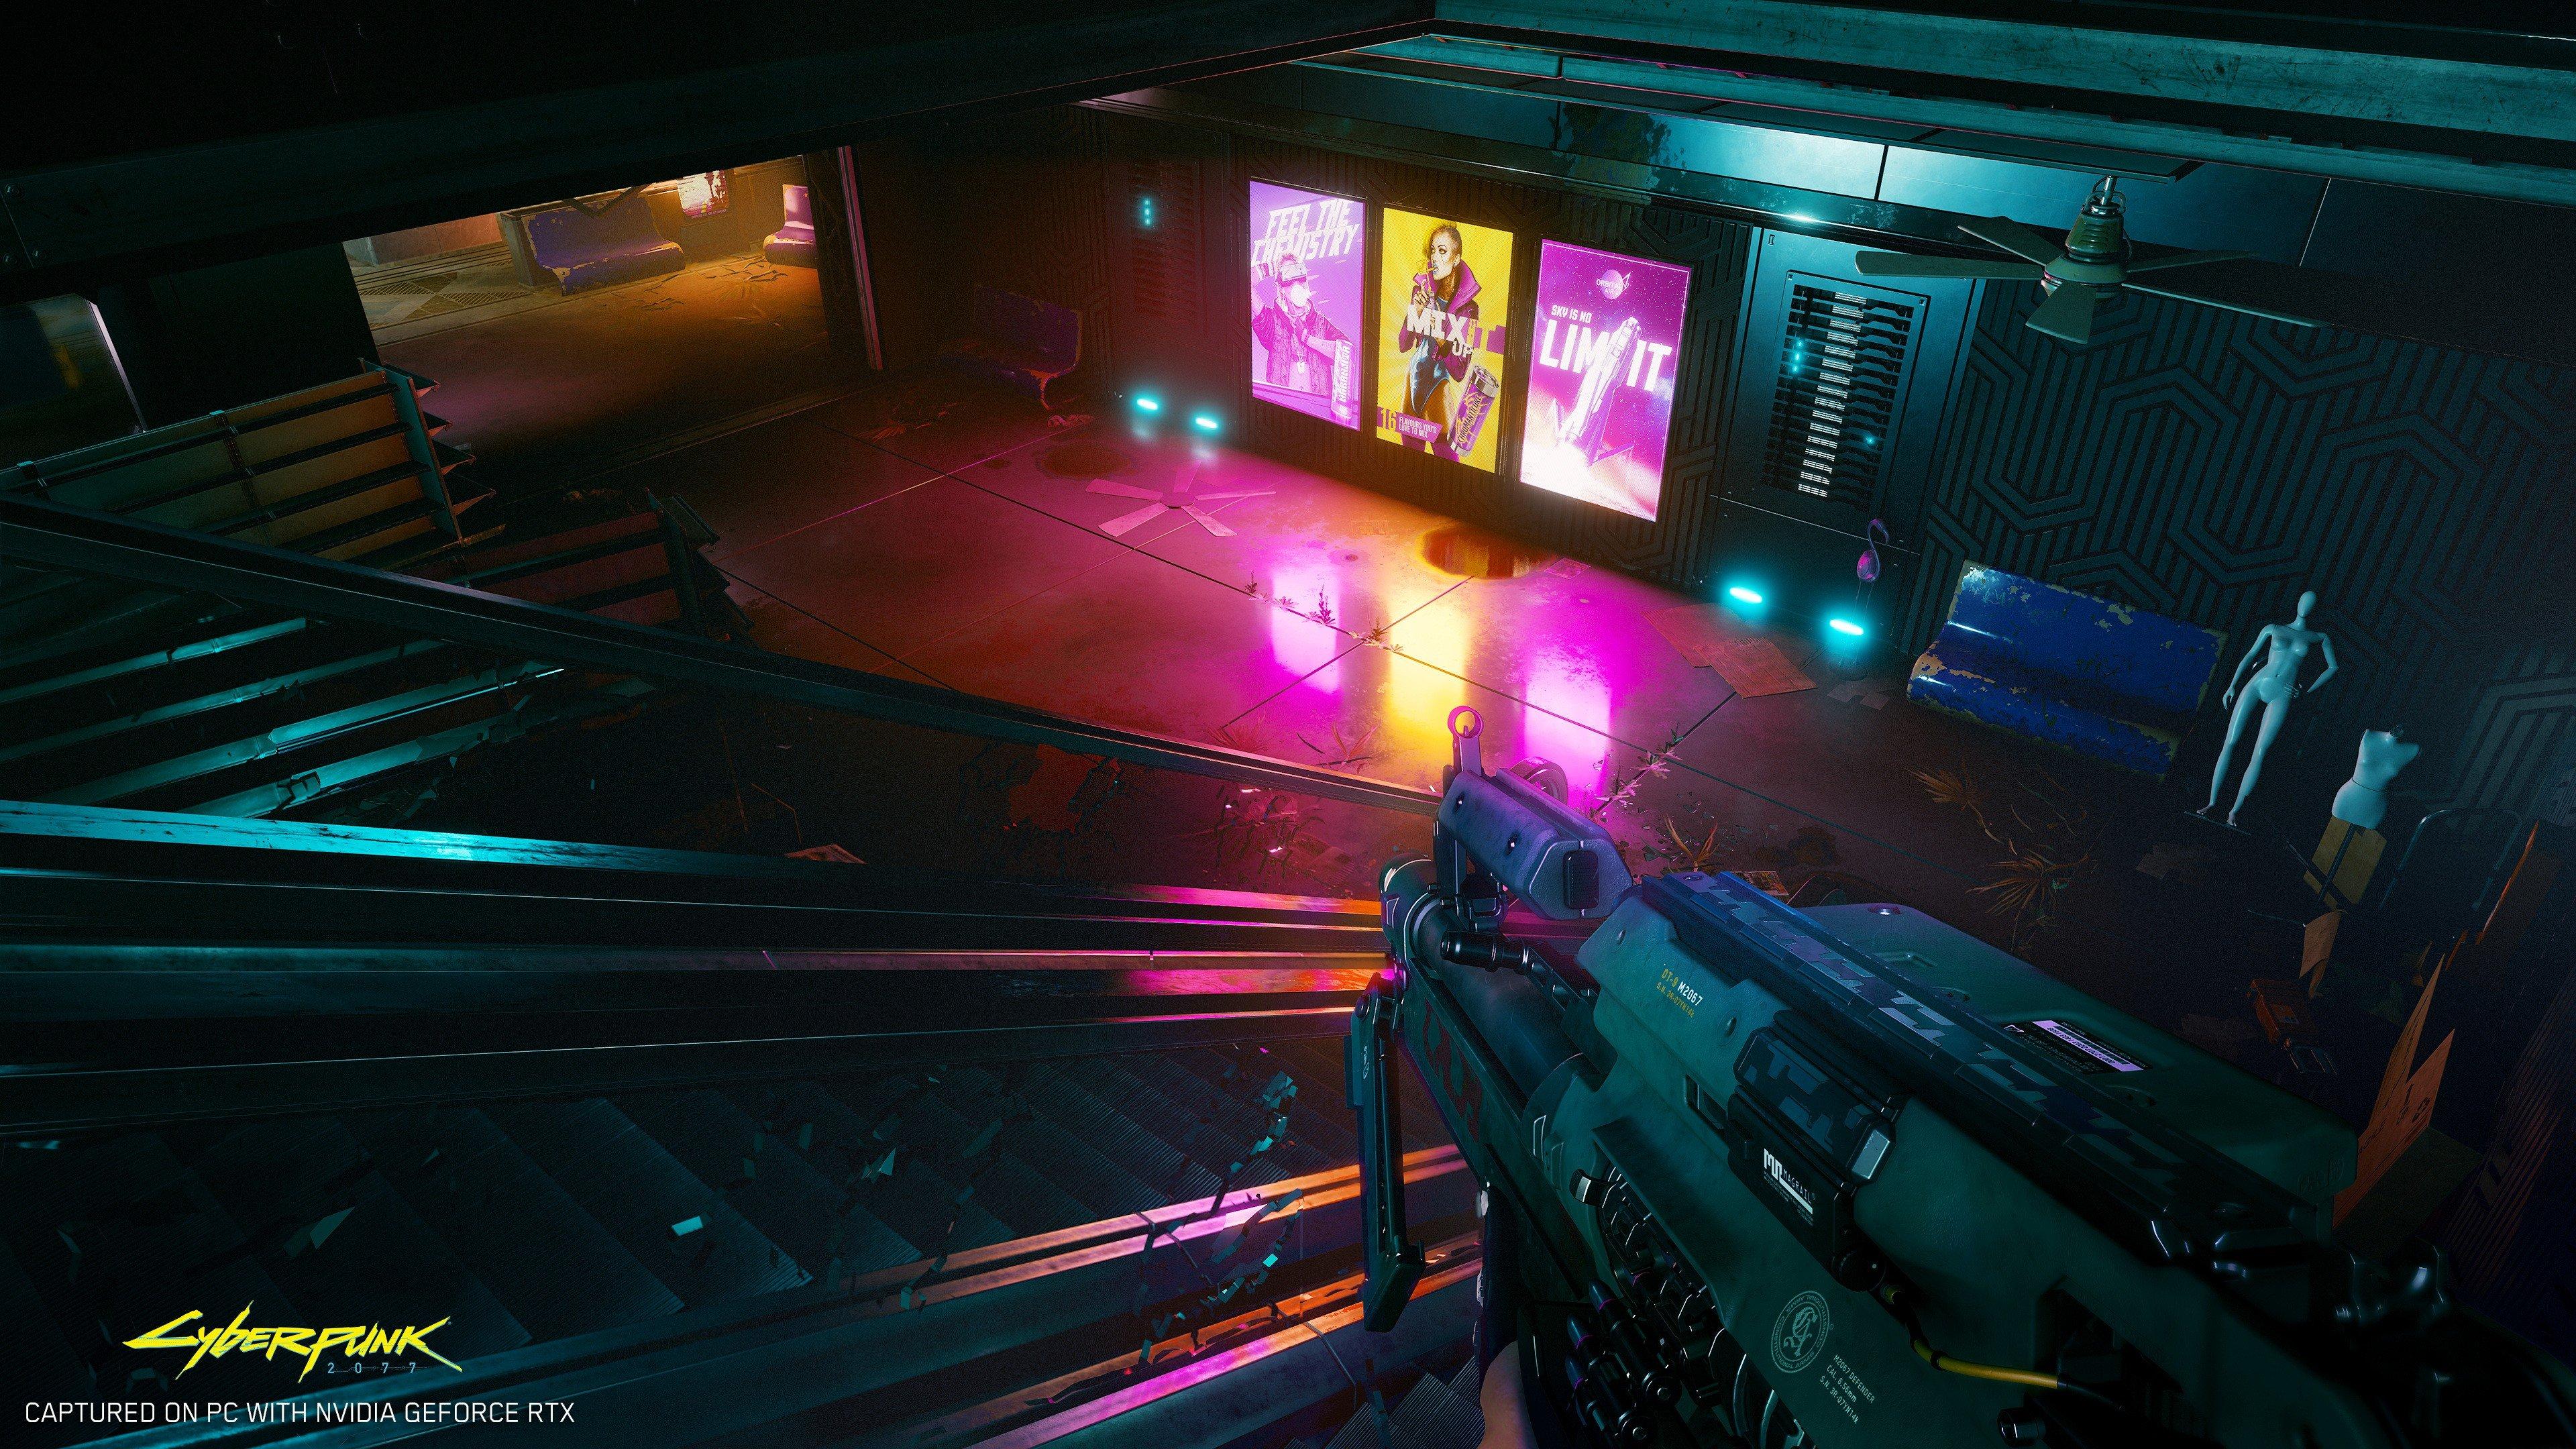 Fondos de pantalla Cyberpunk 2077 Videojuego